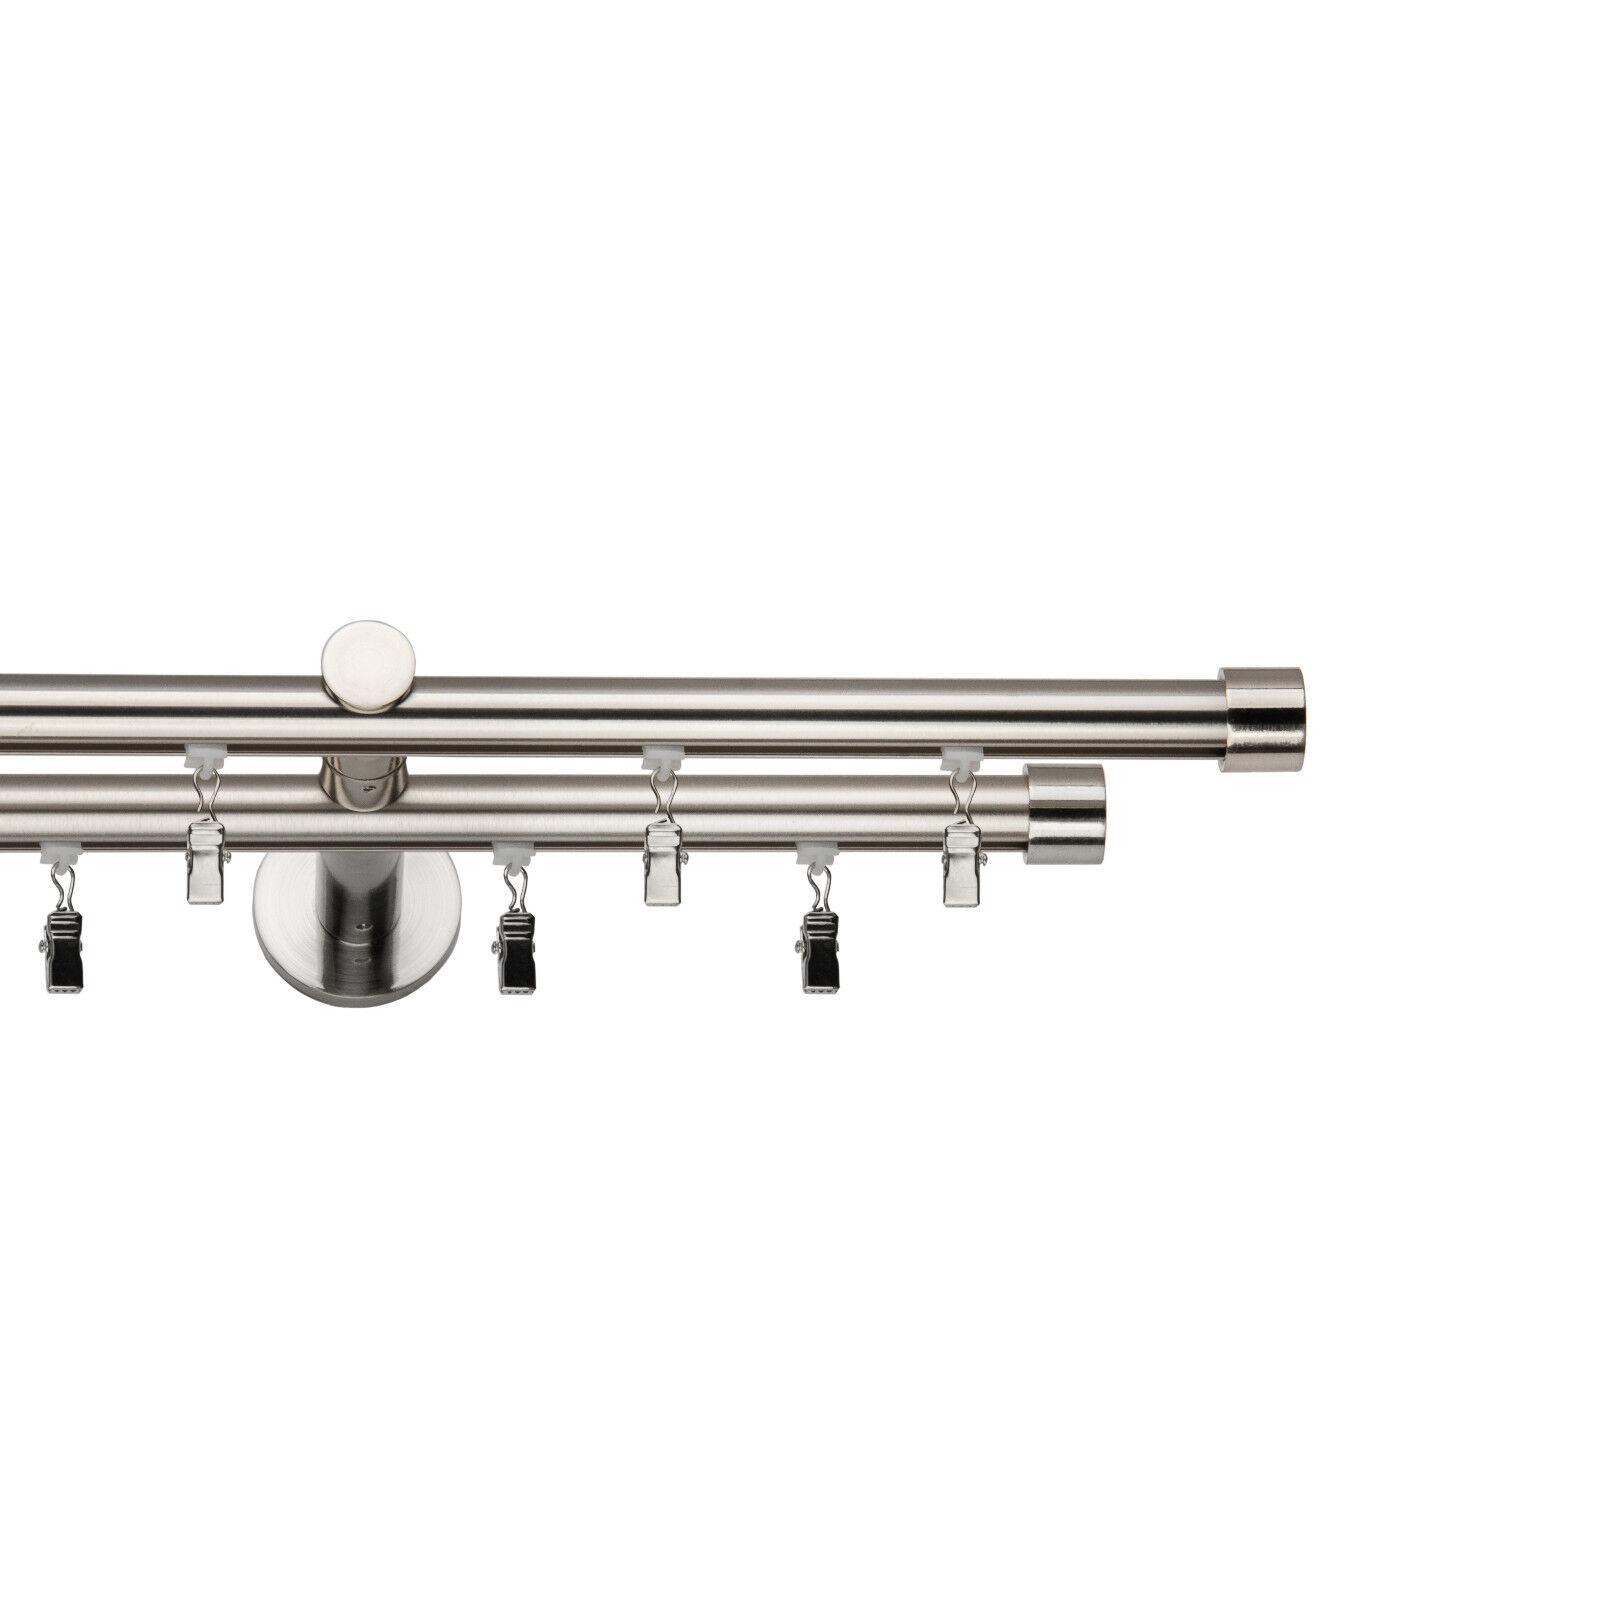 Gardinenstange Innenlauf 19mm, 1-läufig, 2-läufig Edelstallook mit Klammern    2  | Kunde zuerst  ce90c5